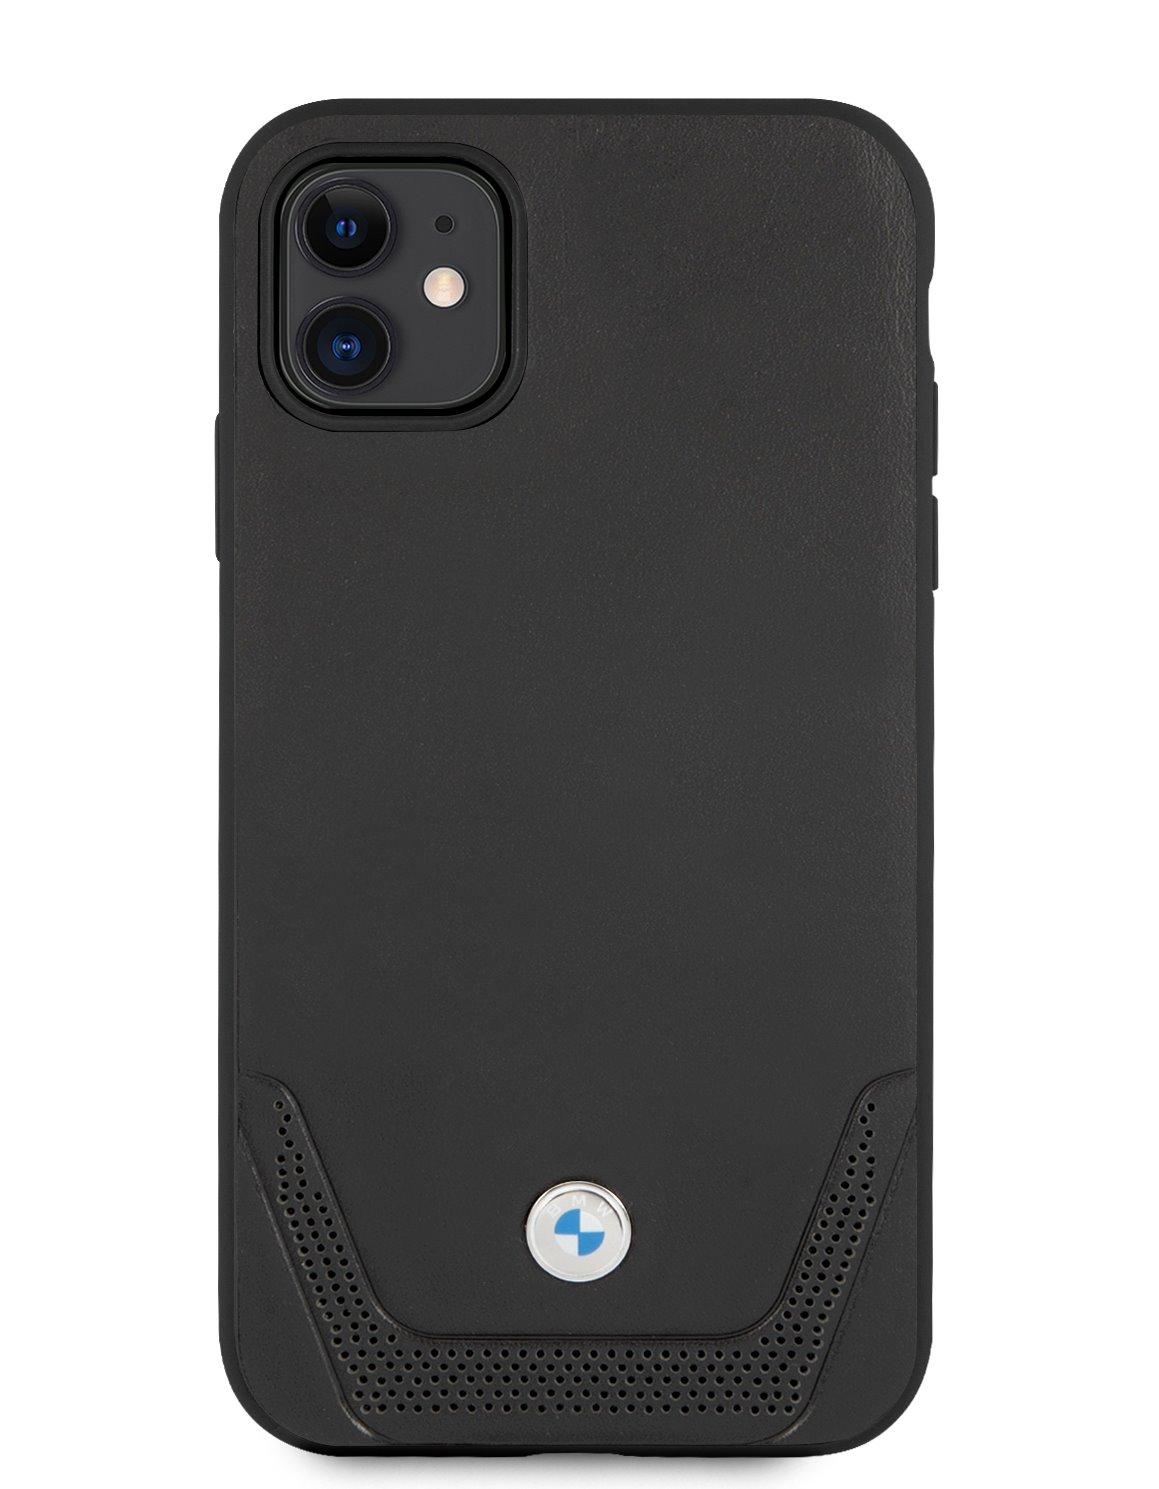 Ochranný kryt BMW Signature Leather Lower Stripe BMHCP12MRSWPK pro Apple iPhone 12/12 Pro, černá